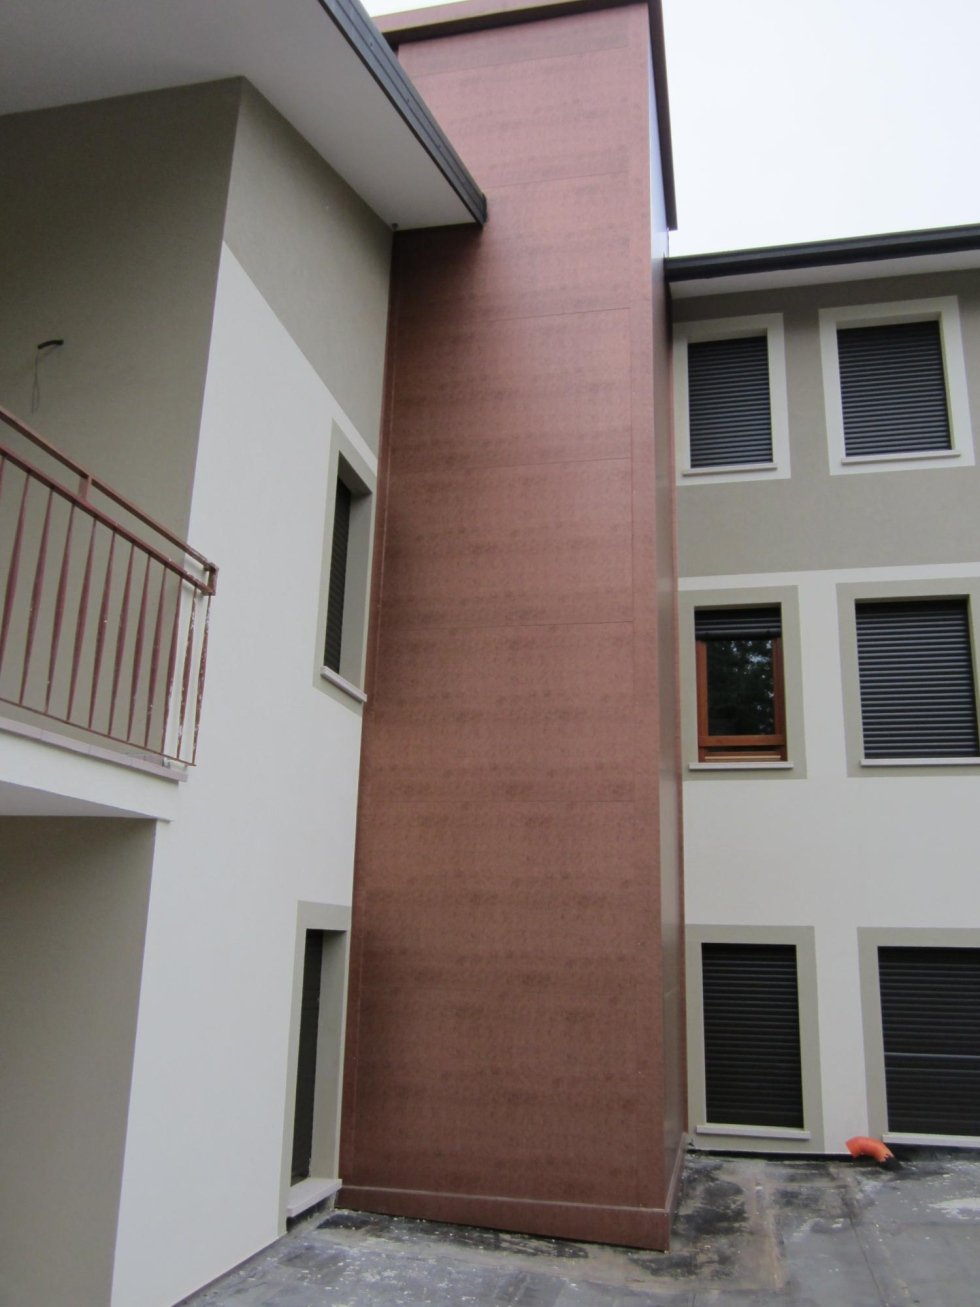 vista laterale di un edificio grigio con ascensore